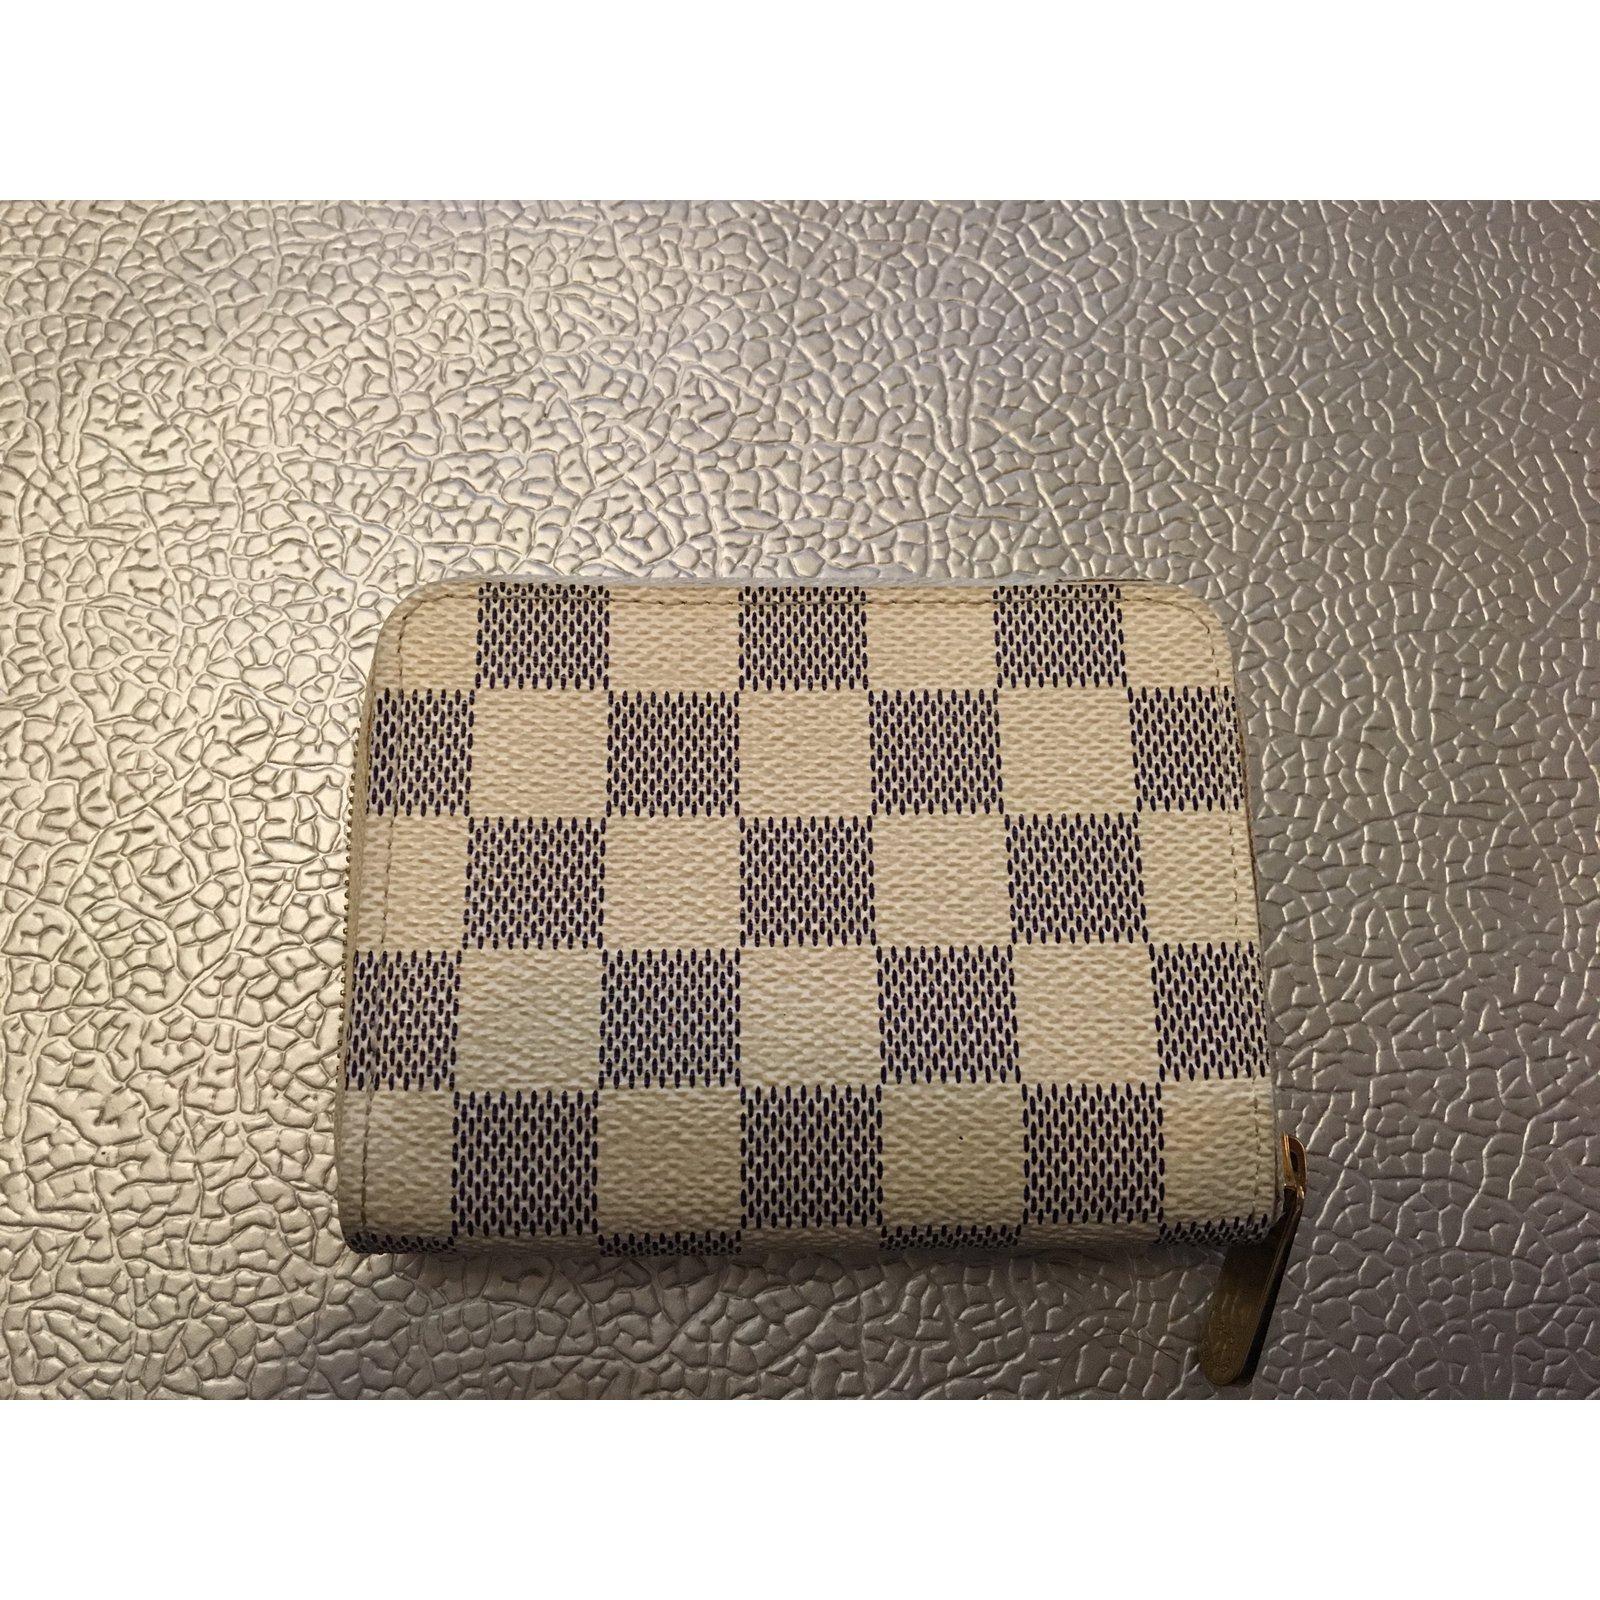 69b73533a97 Petite maroquinerie Louis Vuitton Porte-Monnaie Zippy Louis Vuitton  Synthétique Blanc ref.29828 - Joli Closet